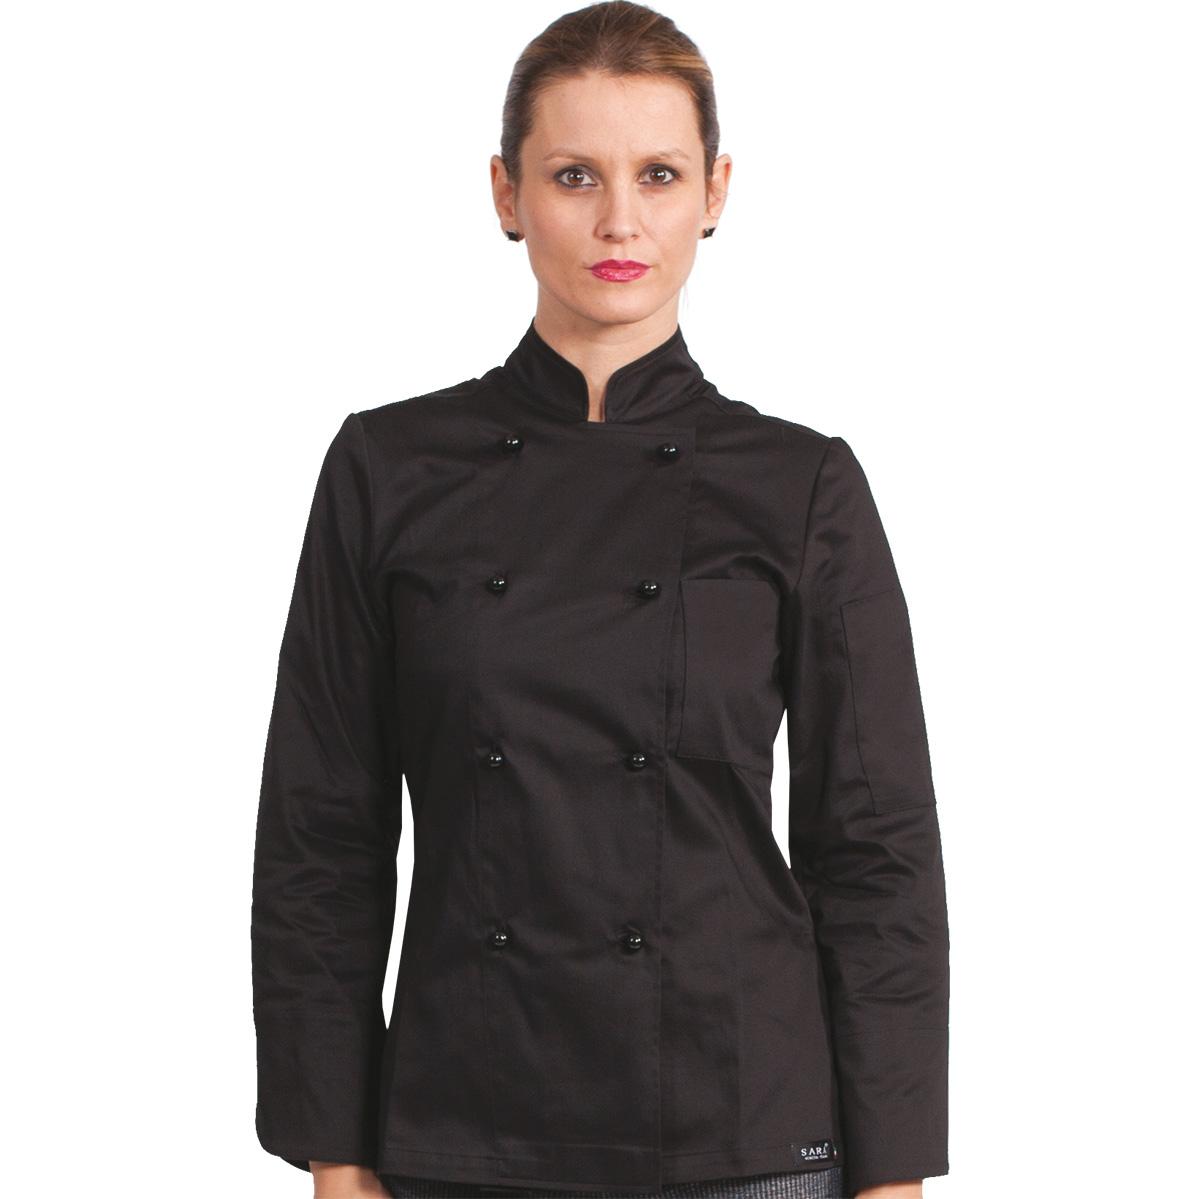 evolution-giacca-cuoco-nera-elasticizzata